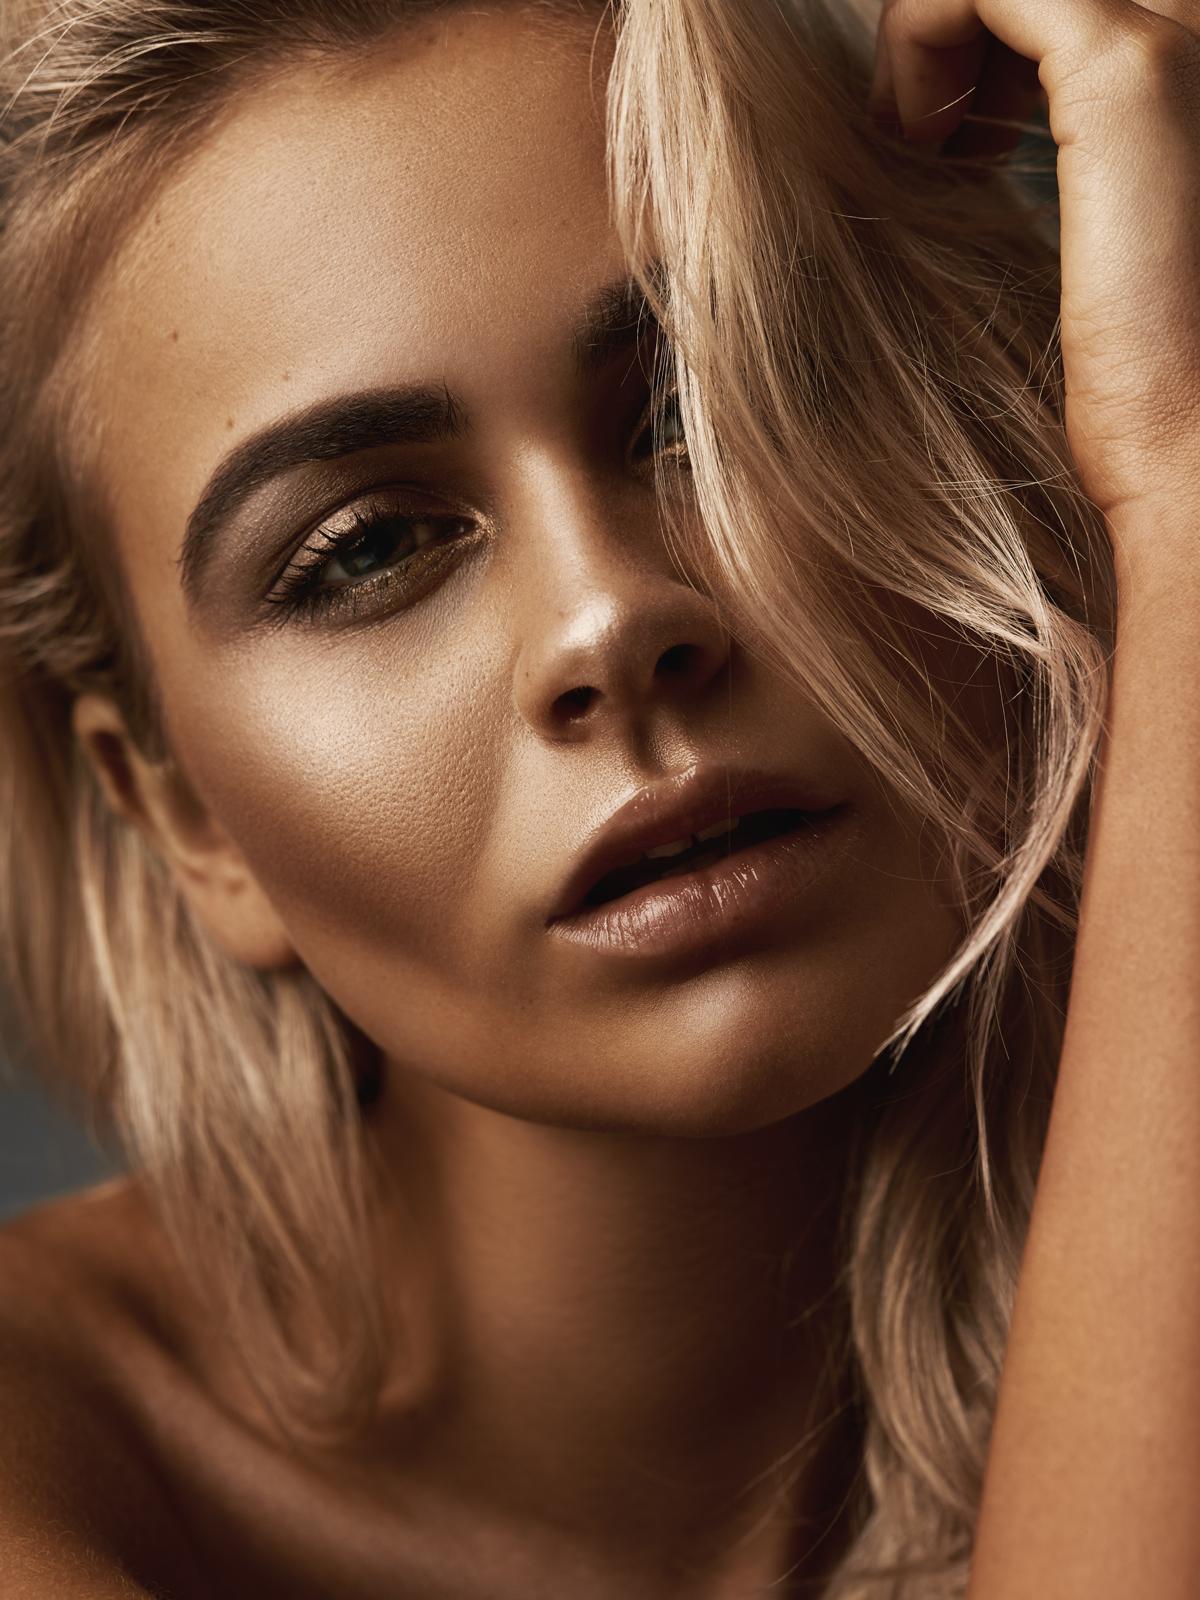 Jessica-Roche-Simon-Everiss-677